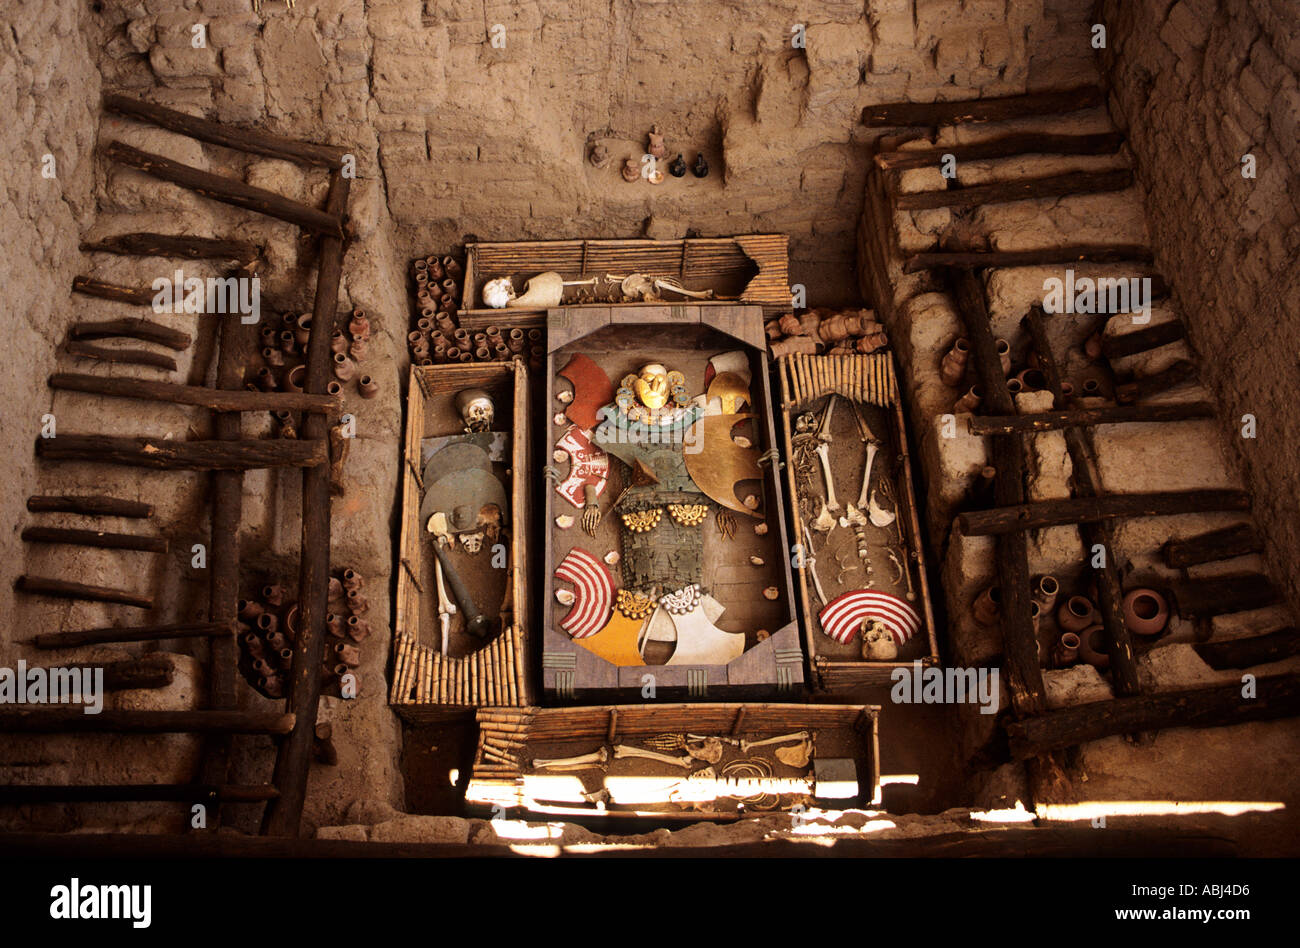 Sipan, Peru. Pre-Inca burial of El Hombre de Sipan with burial goods and acolytes. - Stock Image